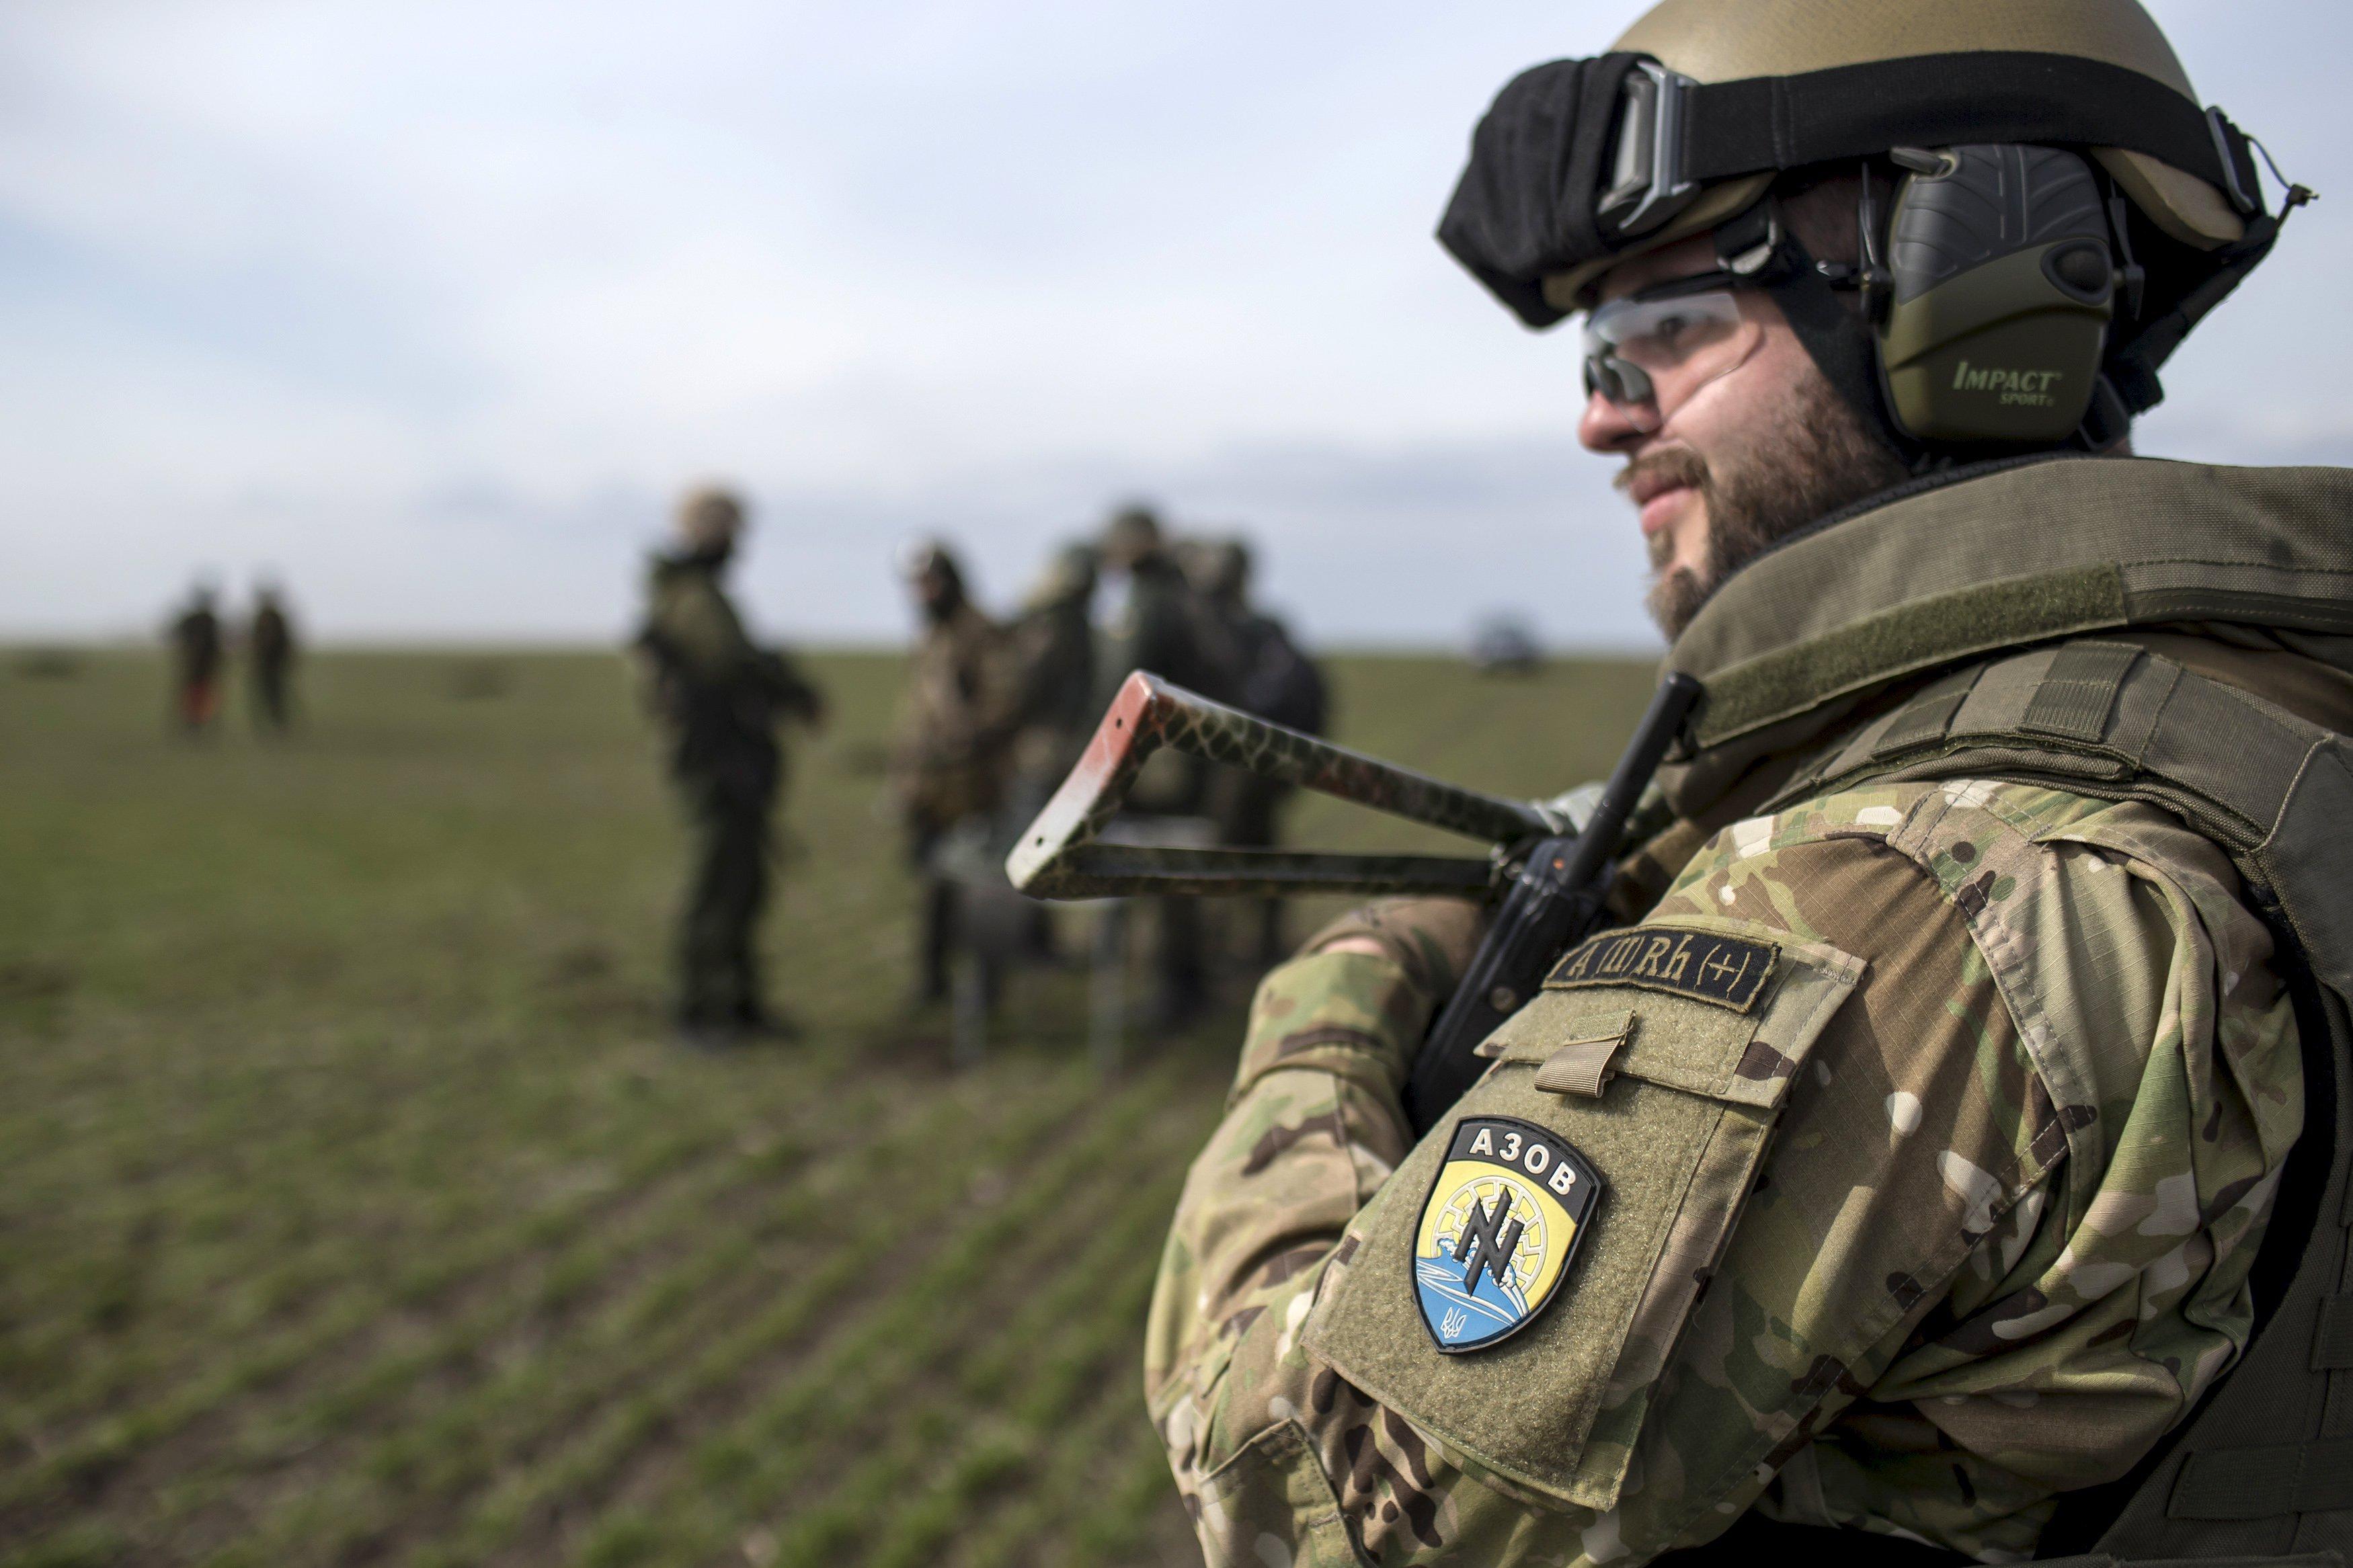 Басурин: 5 боевиков убиты впроцессе стычки нацбатальона «Азов» снаемниками